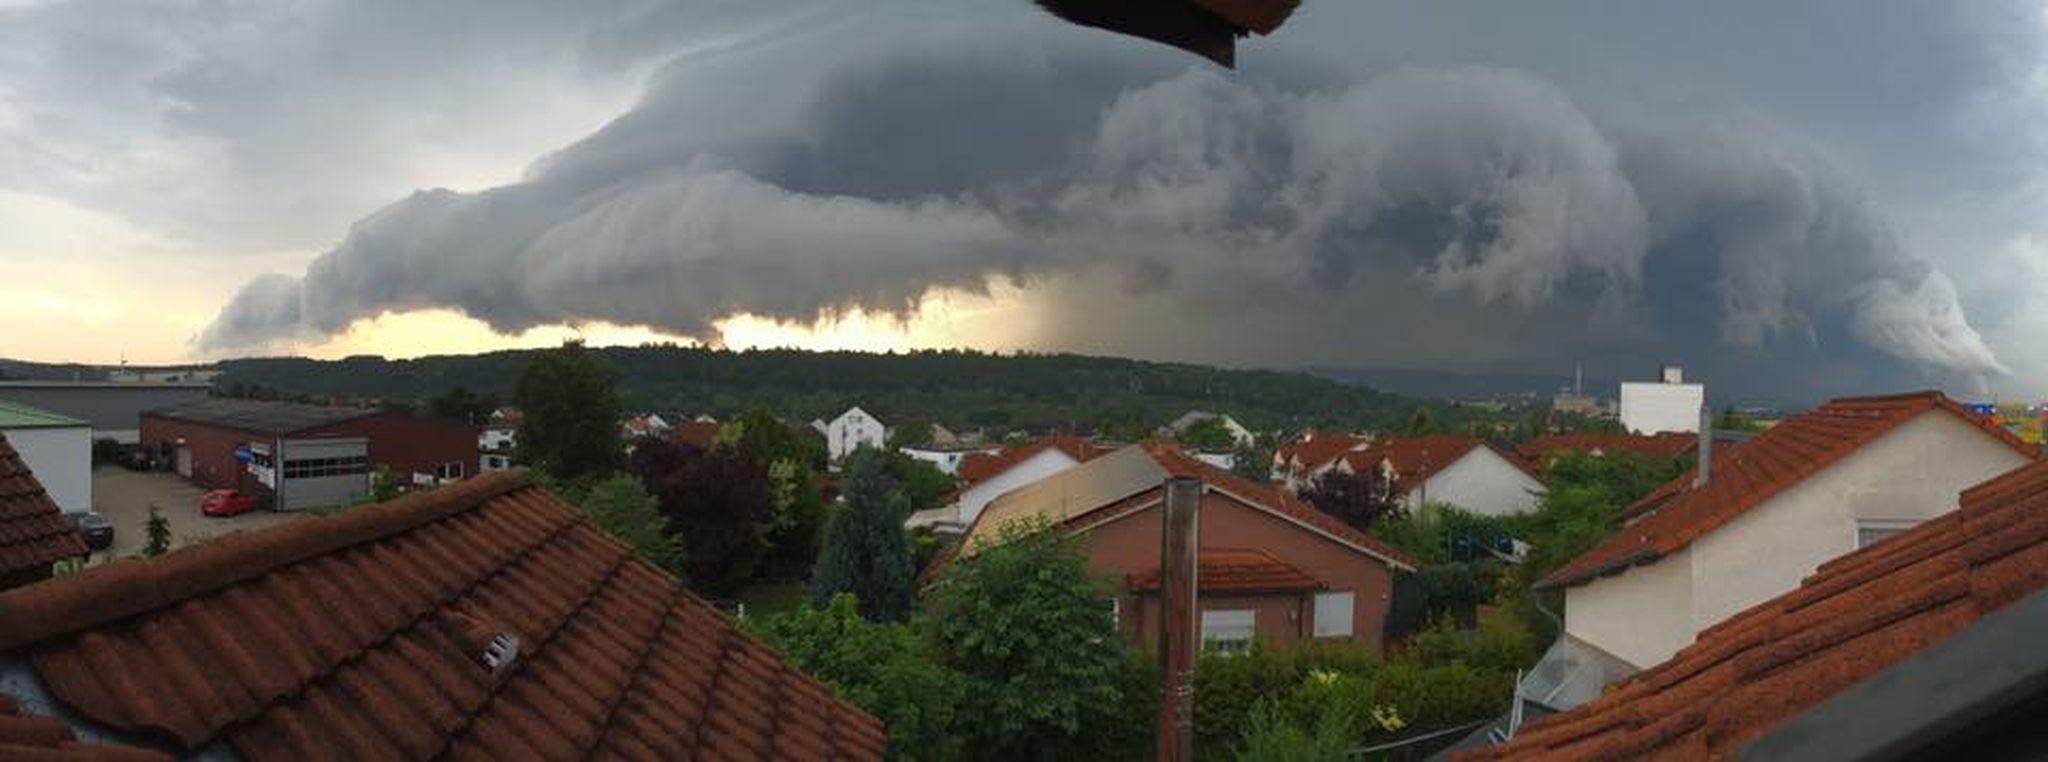 Gewitter Kassel